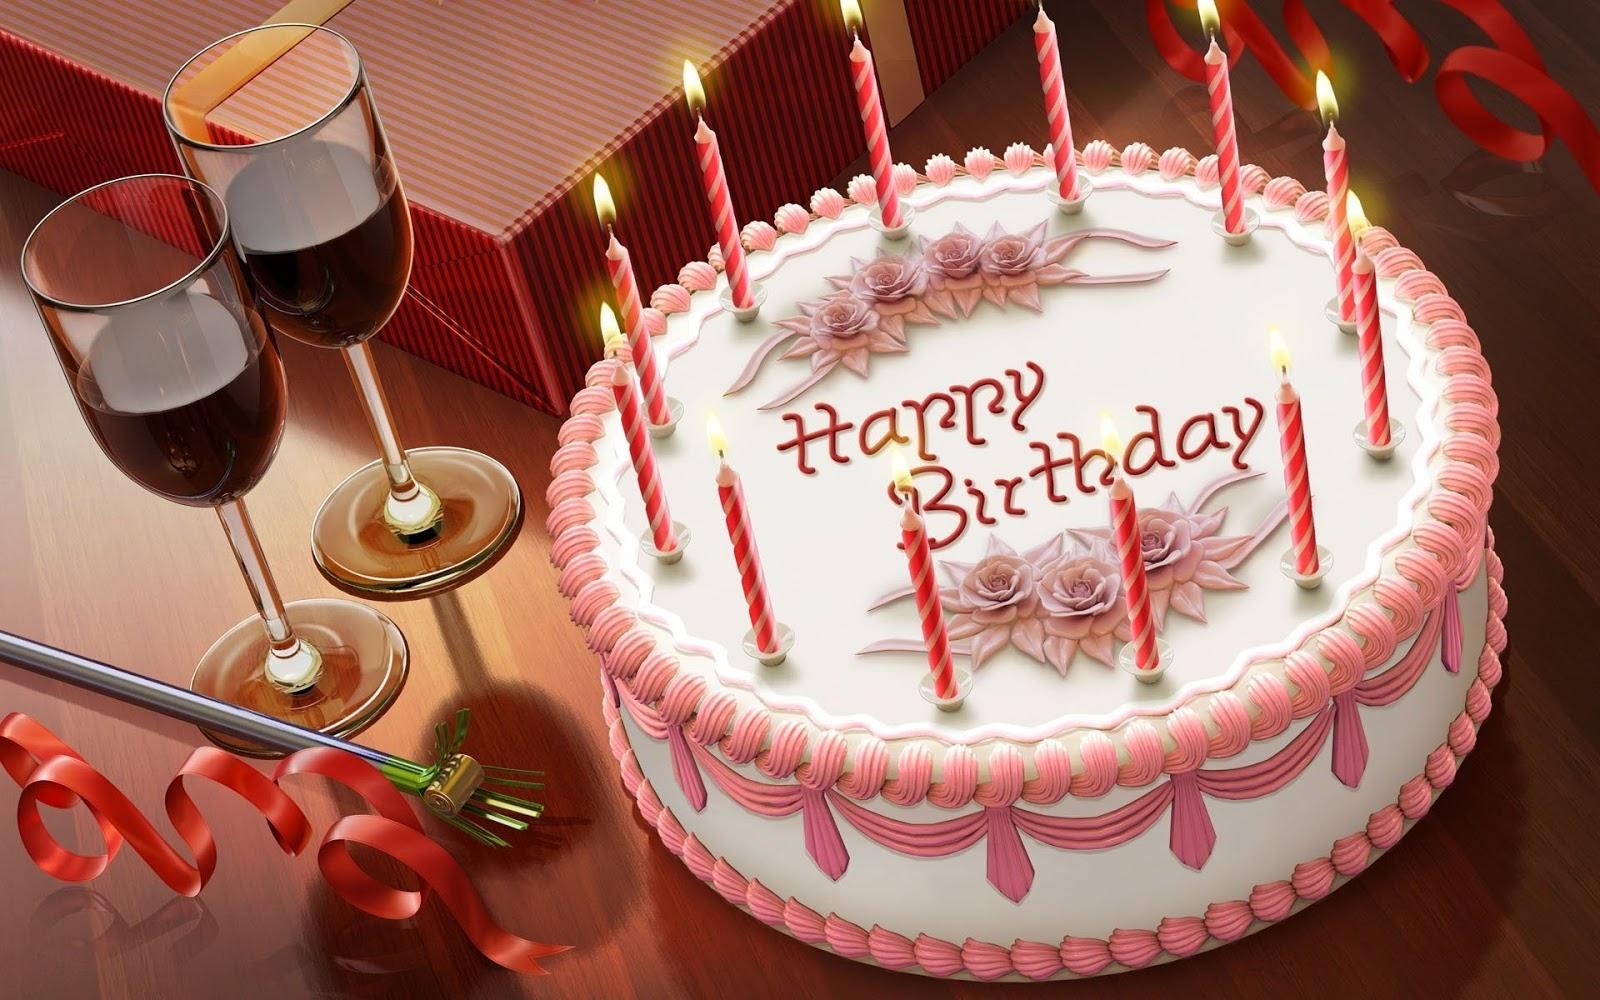 خلفيات كعكة عيد ميلاد